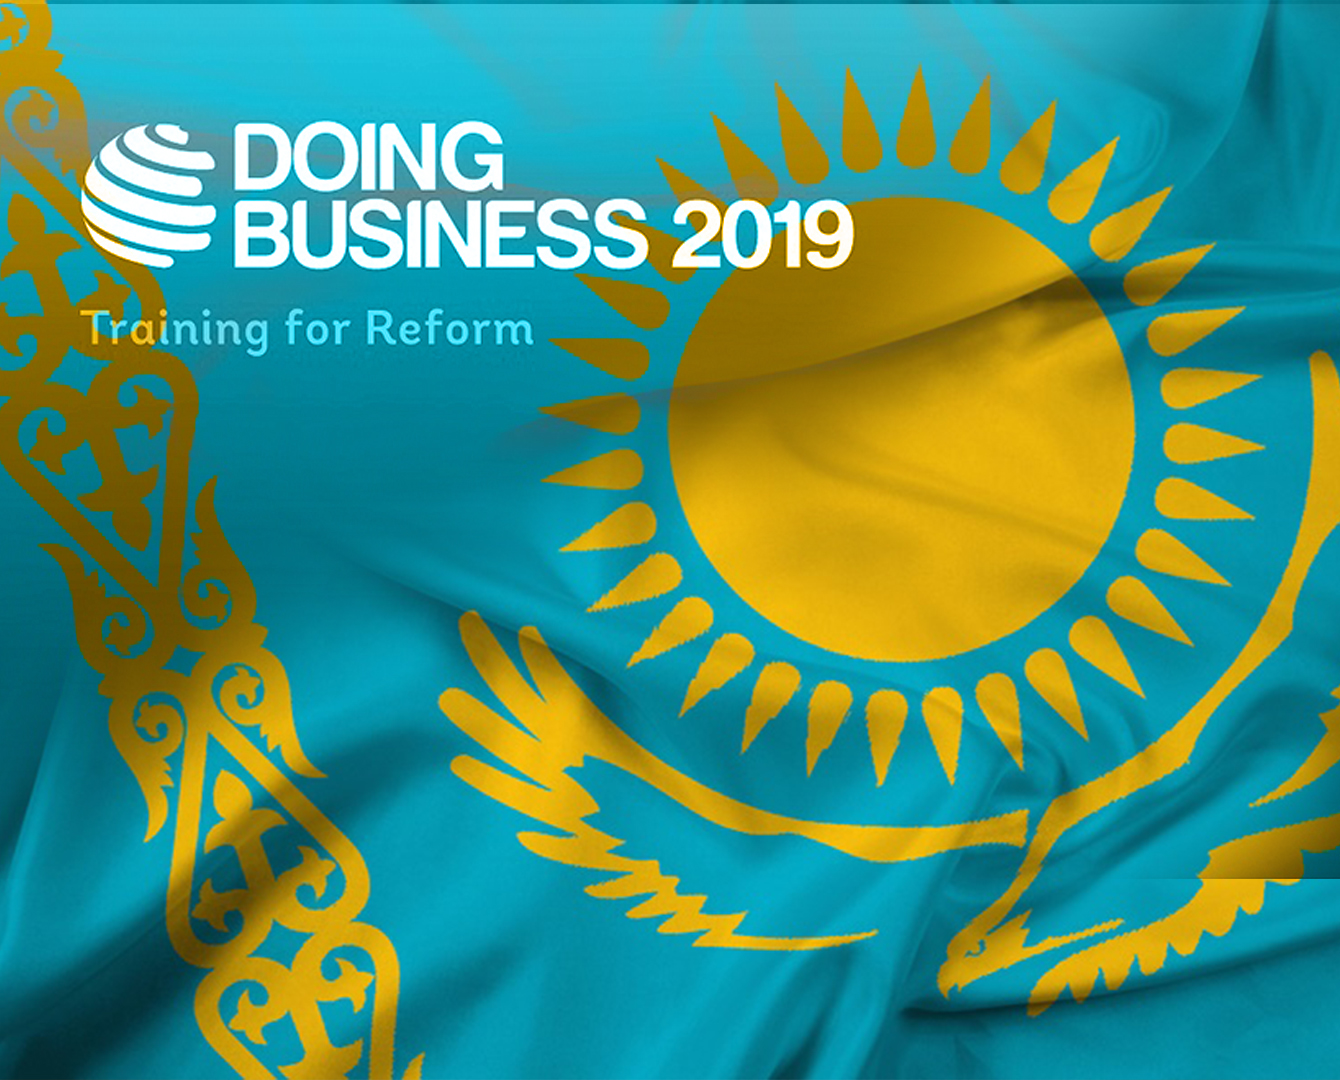 Бүкіләлемдік банк: Қазақстан Doing business рейтингінде қалай көтерілді